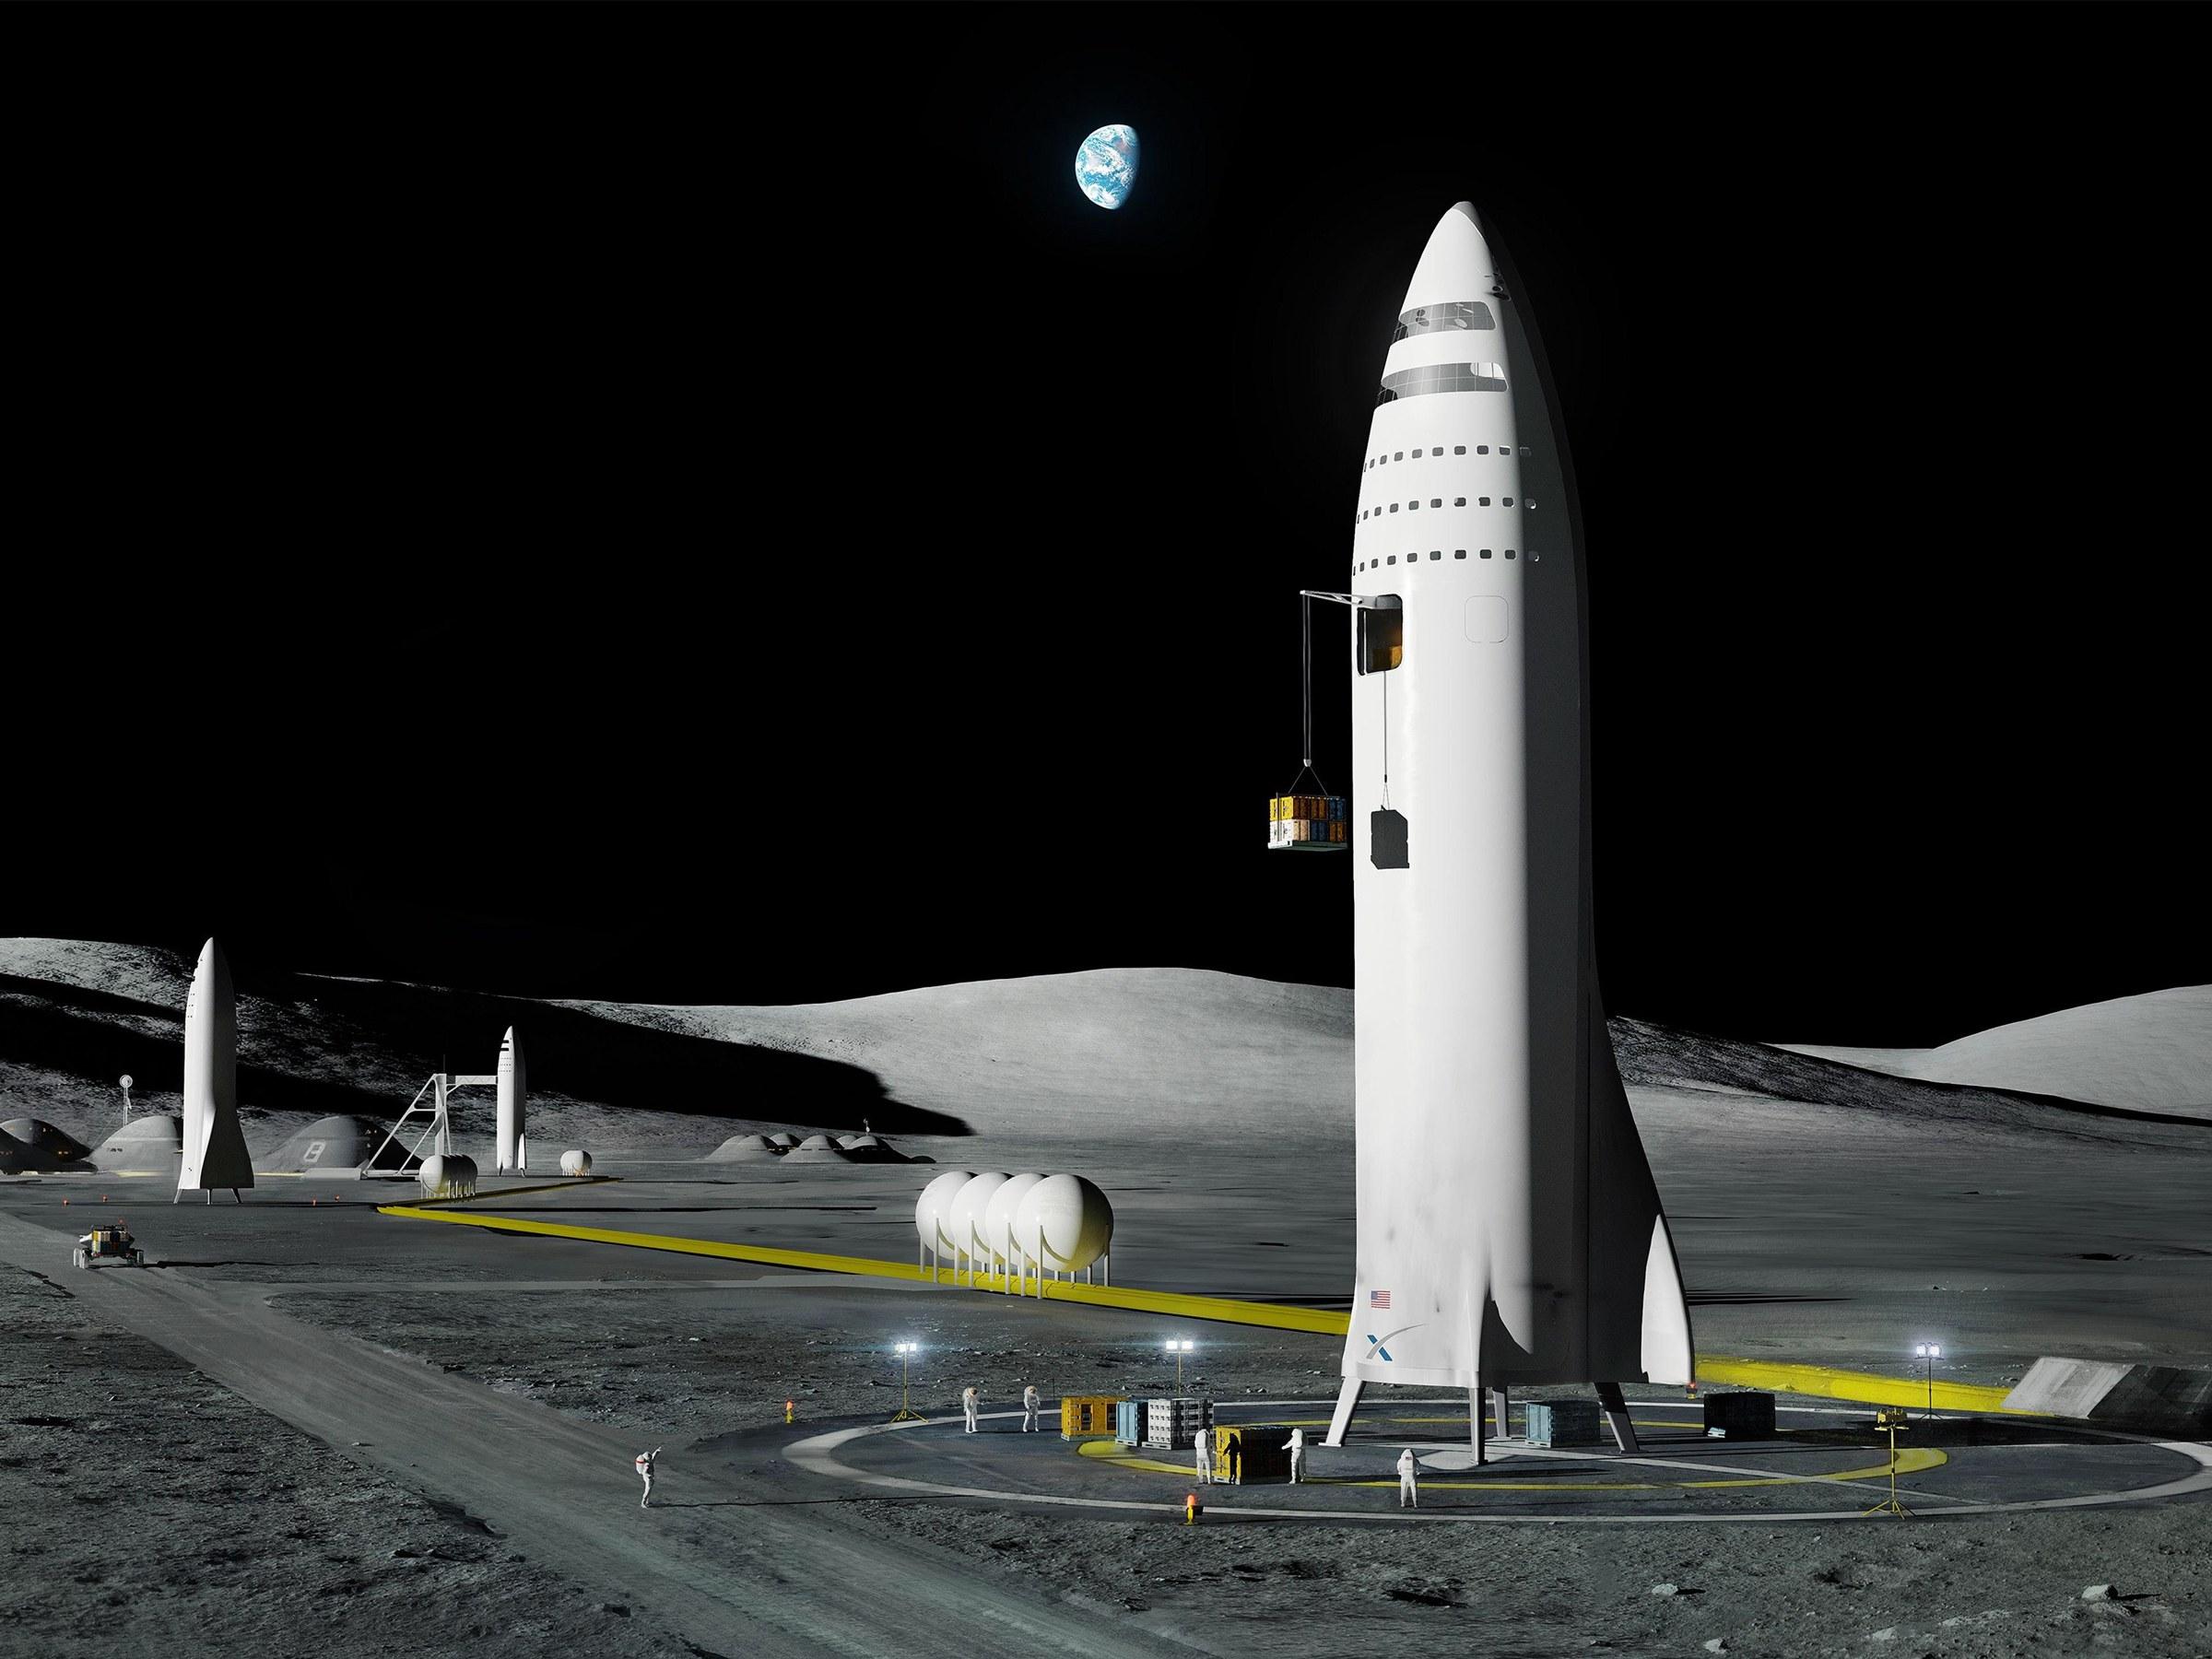 طرحی مفهومی-هنری از SpaceX و عملیاتی کردن موشک BFR - ایده اینه که ماهوارههایی حامل سوخت رو هم طی پرتابهایی جداگانه توی مدار قرار بدن تا امکان سوختگیری مداری فراهم بشه و نیازی باشه که مثل ساترن-5، کلّ سوخت رفت و برگشت به صورت یکجا حمل بشه